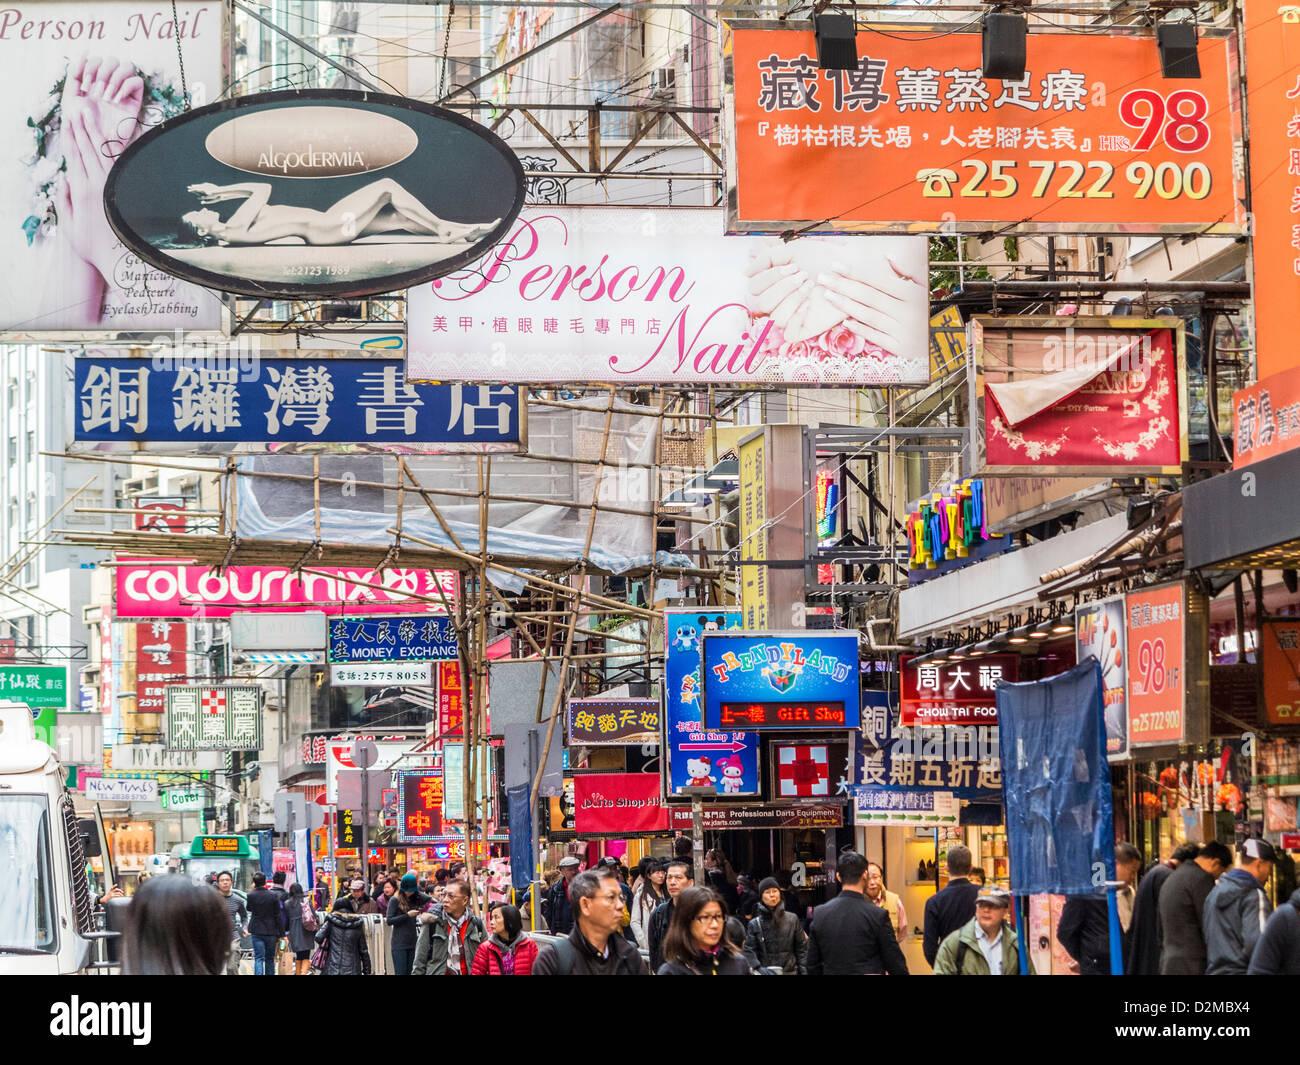 Hong Kong - strada trafficata della città di Kowloon, Hong Kong. Immagini Stock